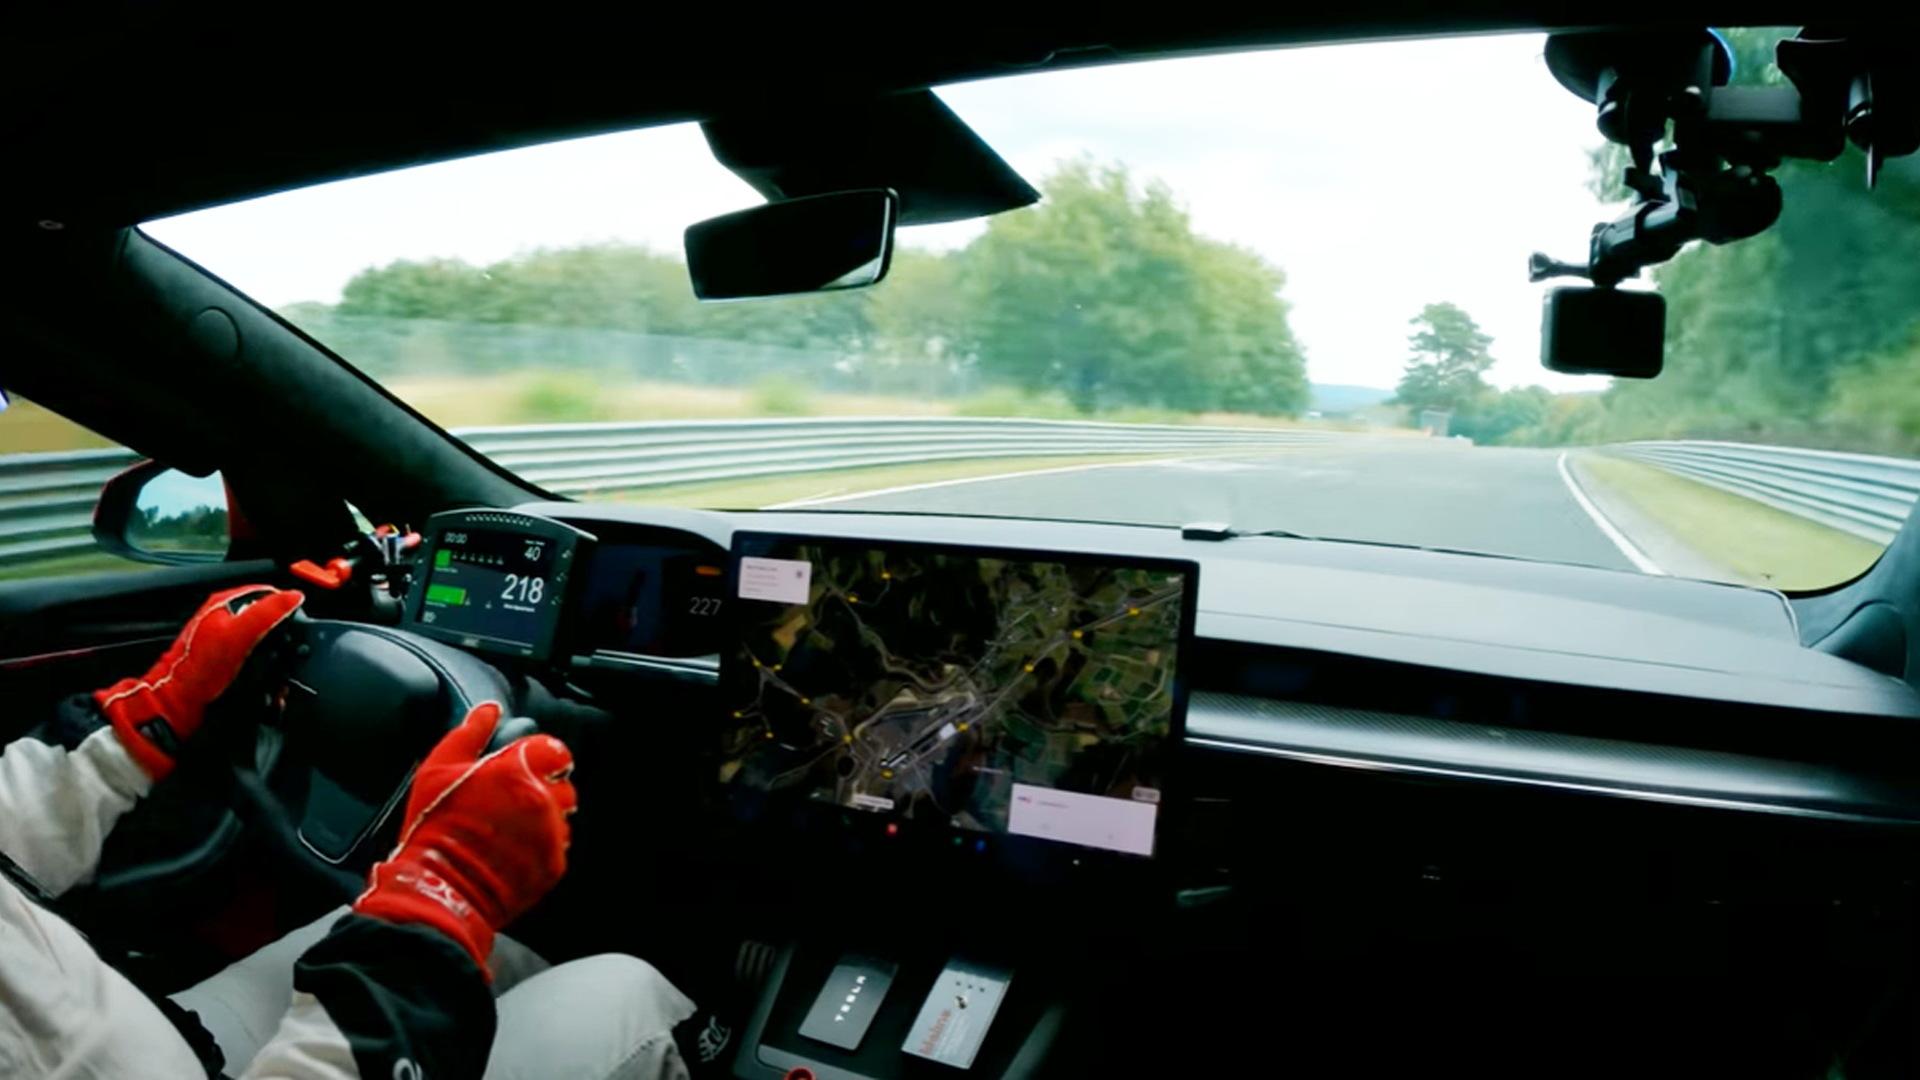 2021 Tesla Model S Plaid during Nürburgring attempt